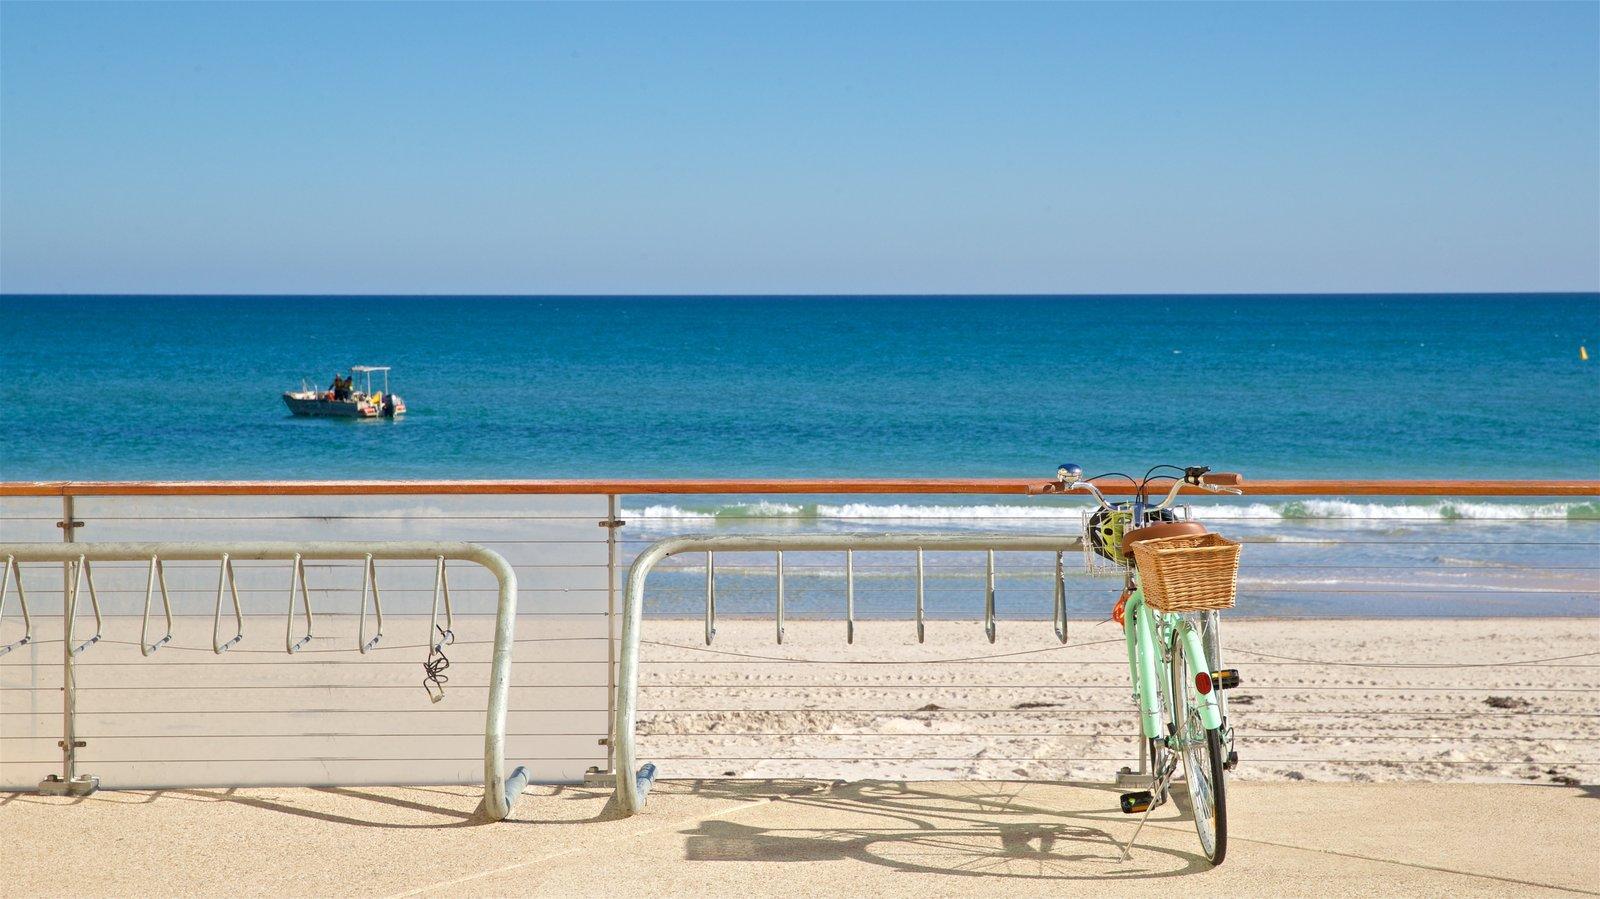 Playa Henley ofreciendo vistas generales de la costa, una playa de arena y paseos en lancha